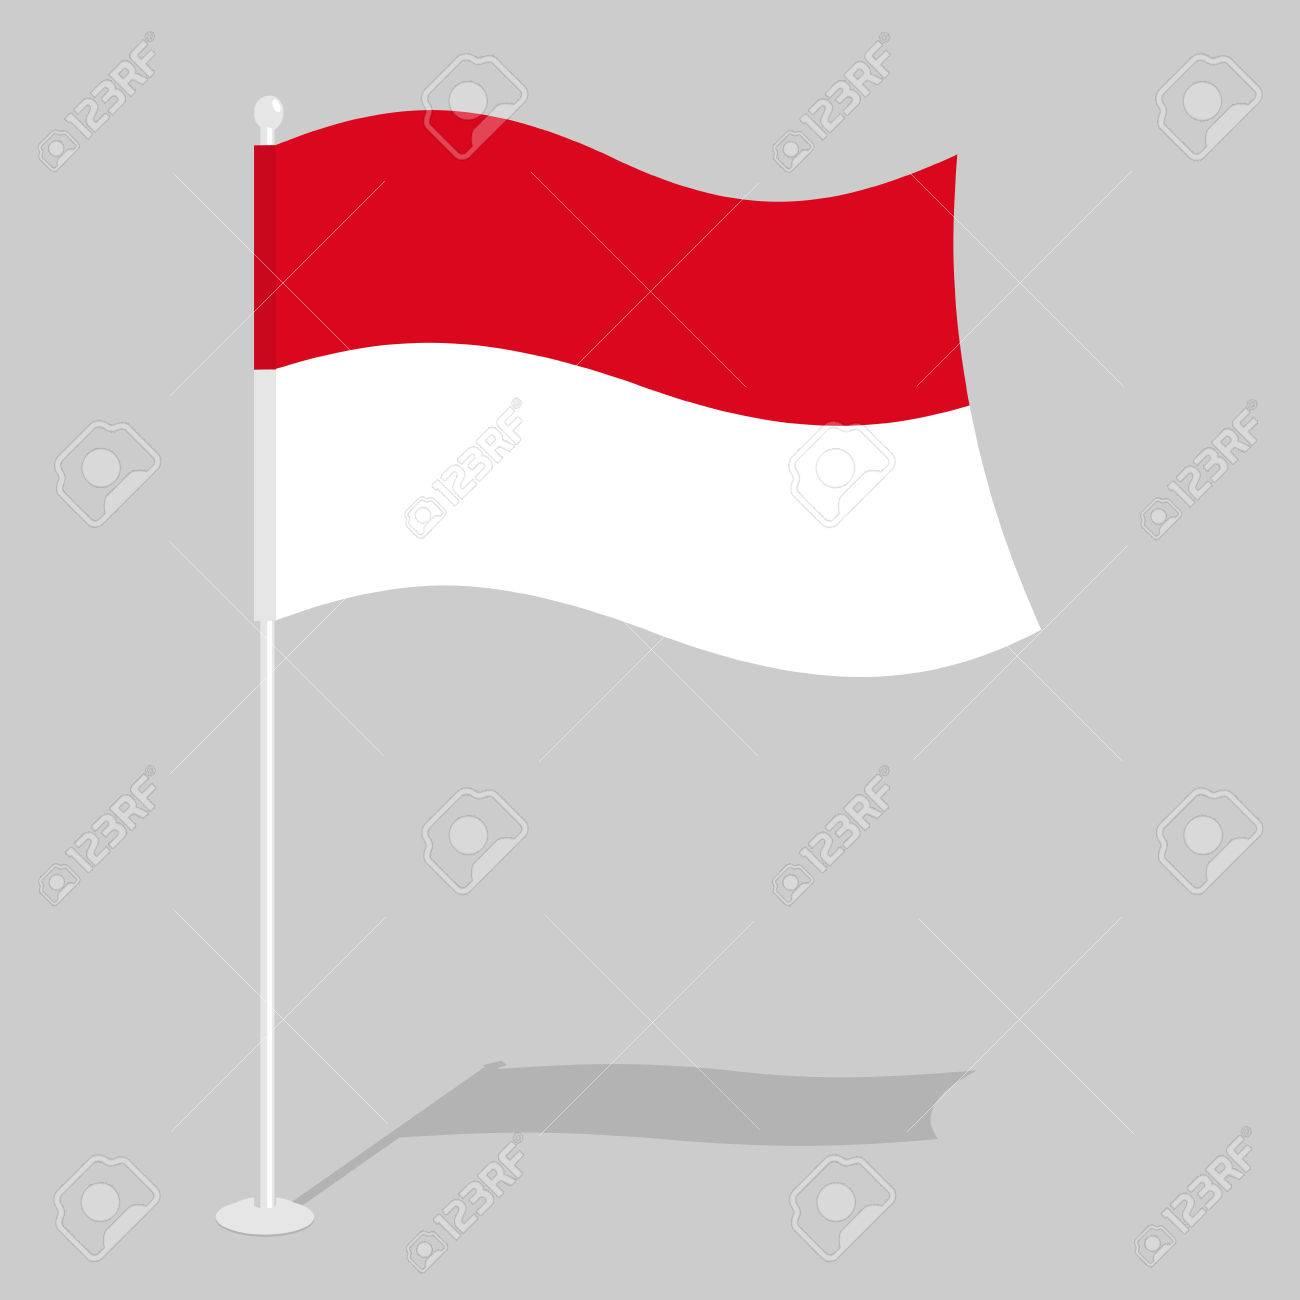 Drapeau De L Indonésie drapeau indonésie. symbole national officiel de la république d